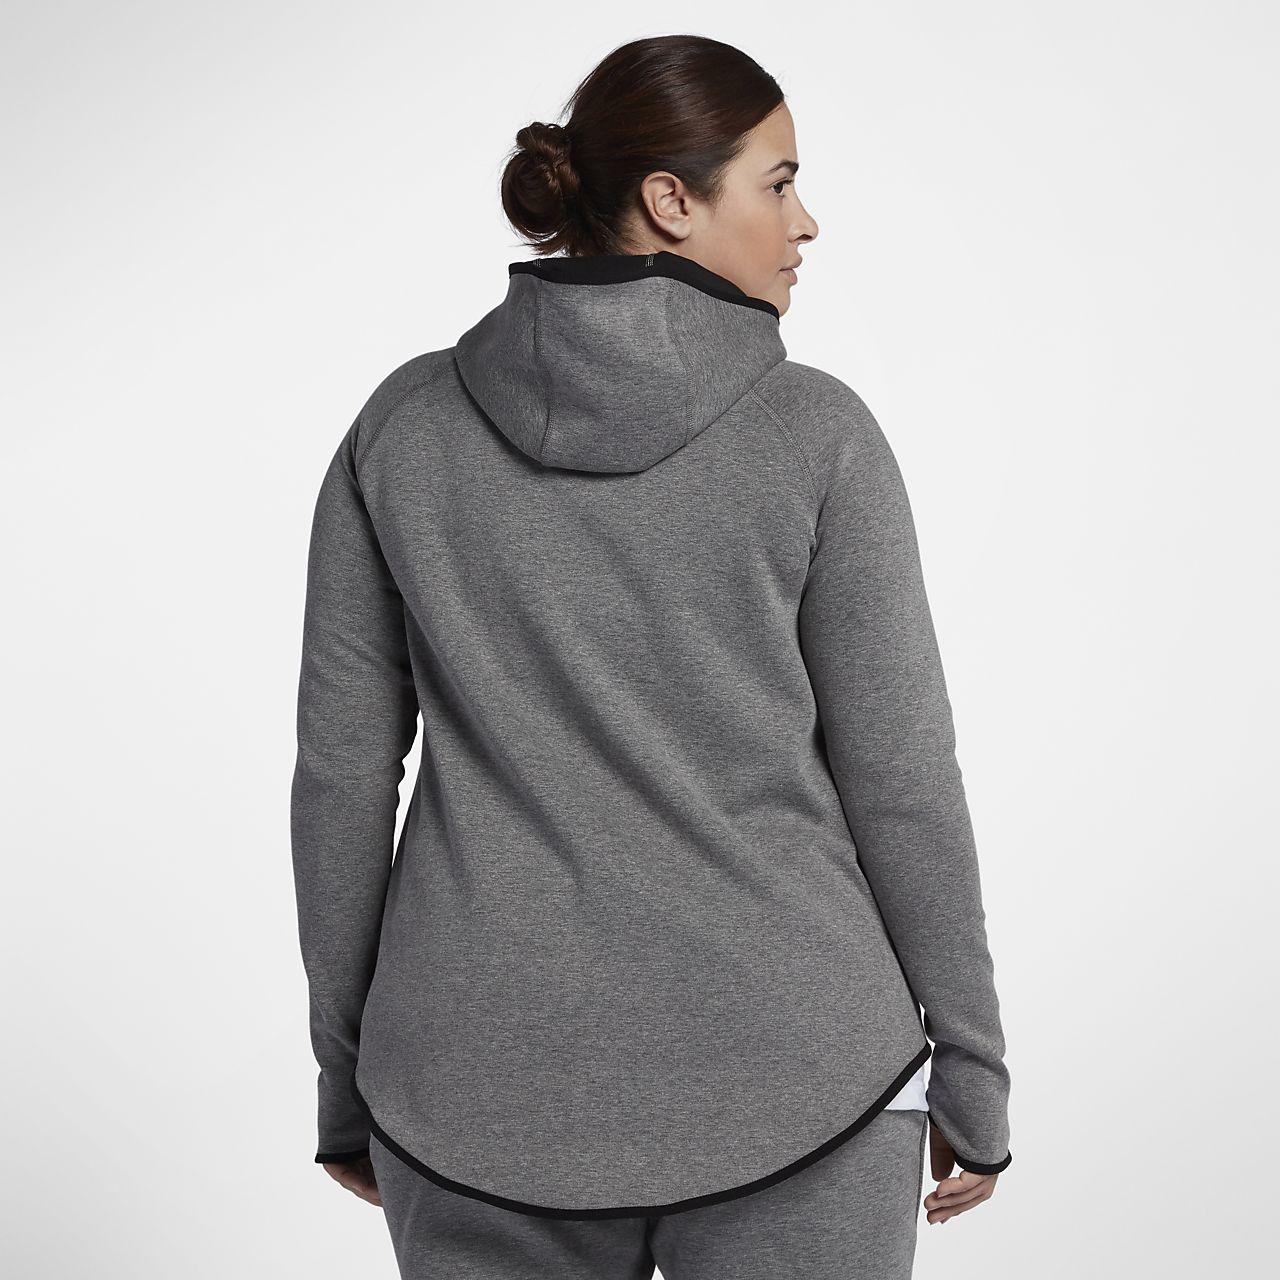 1744ec0c8348 Nike Sportswear Tech Fleece (Plus Size) Women s Full-Zip Cape. Nike.com